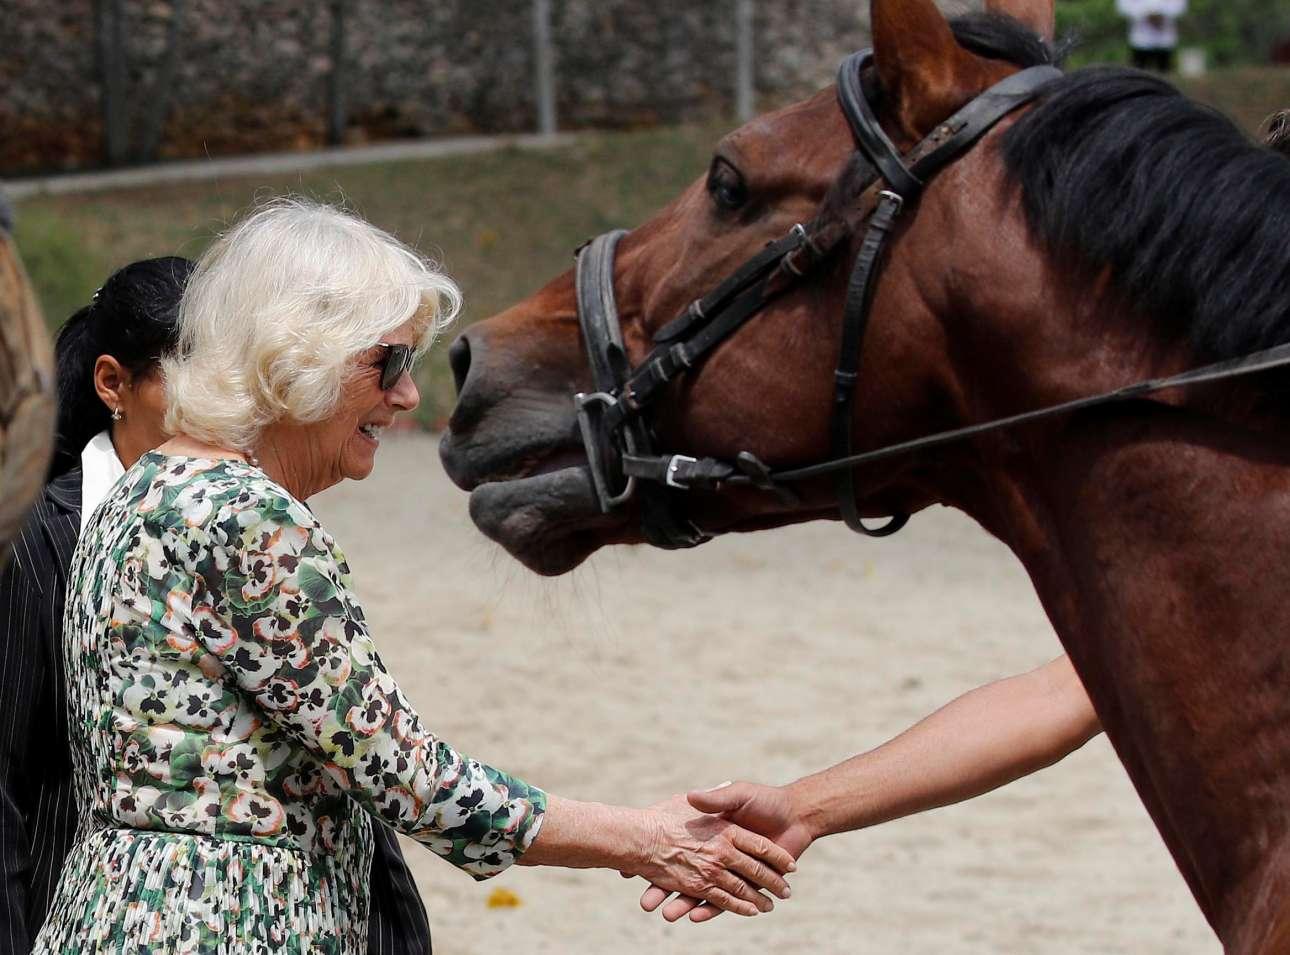 27 Μαρτίου: η Καμίλα και το άλογο - στιγμιότυπο από την επίσκεψη της δούκισσας της Κορνουάλης στον Ιππικό Ομιλο της Αβάνας